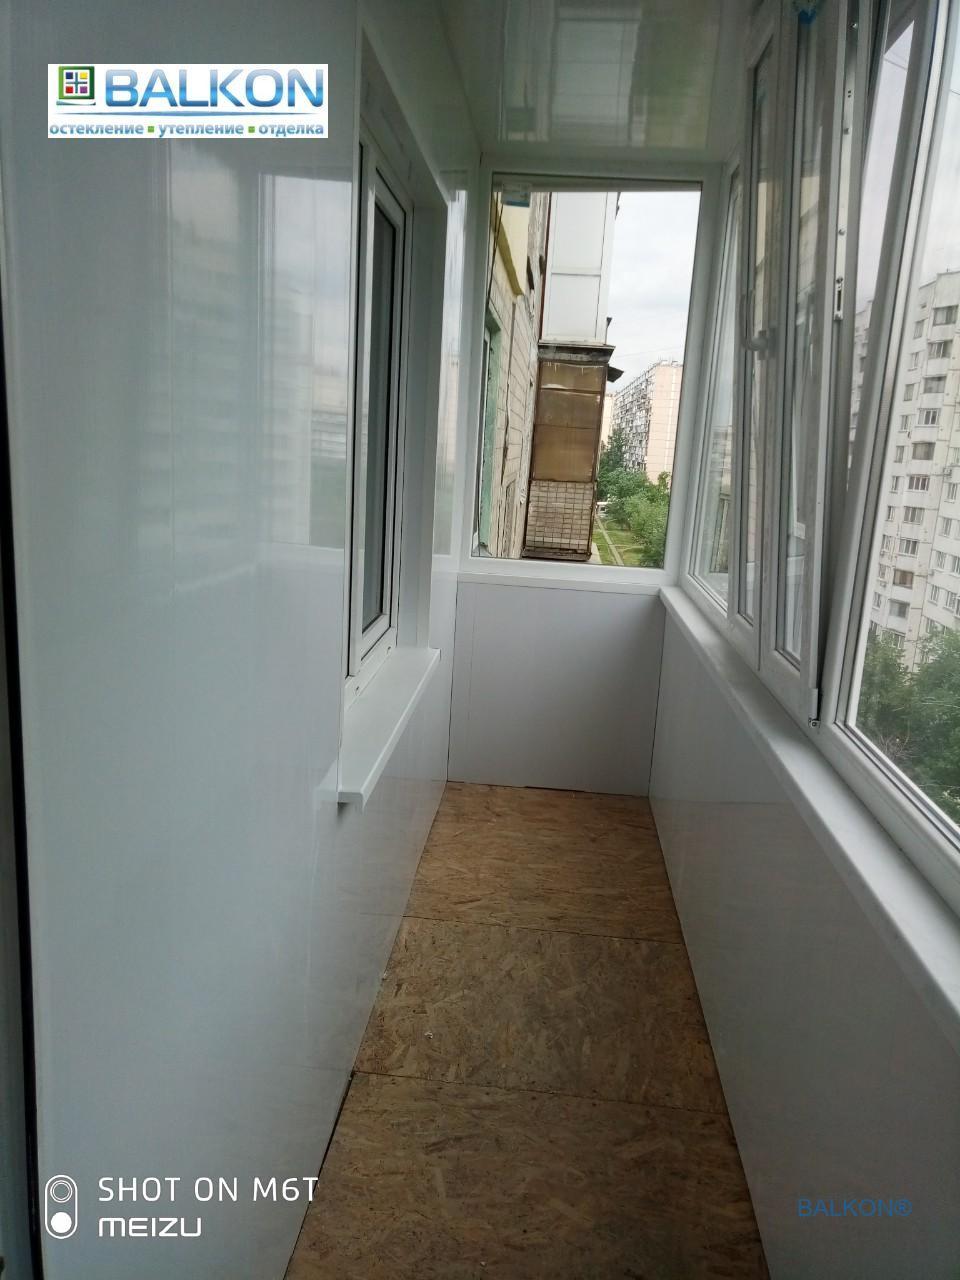 Балкон под ключ в Киеве на ул. Малиновского 25В - бригада 13